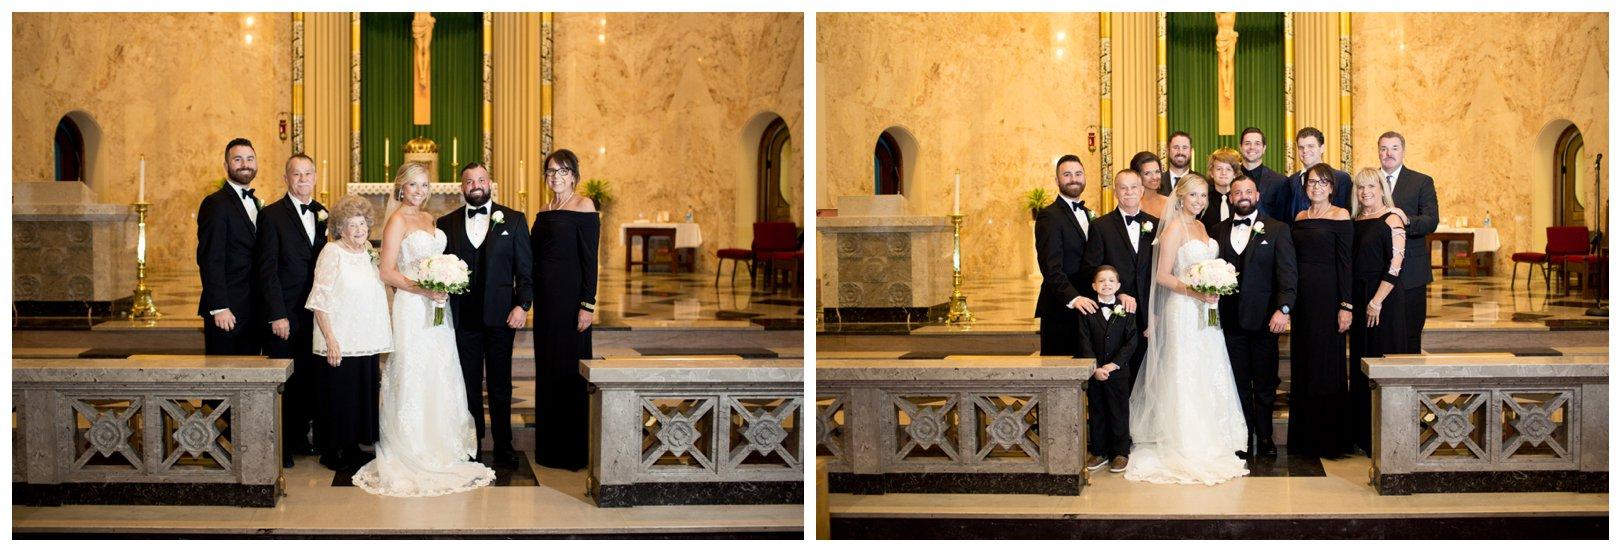 lauren muckler photography_fine art film wedding photography_st louis_photography_2144.jpg